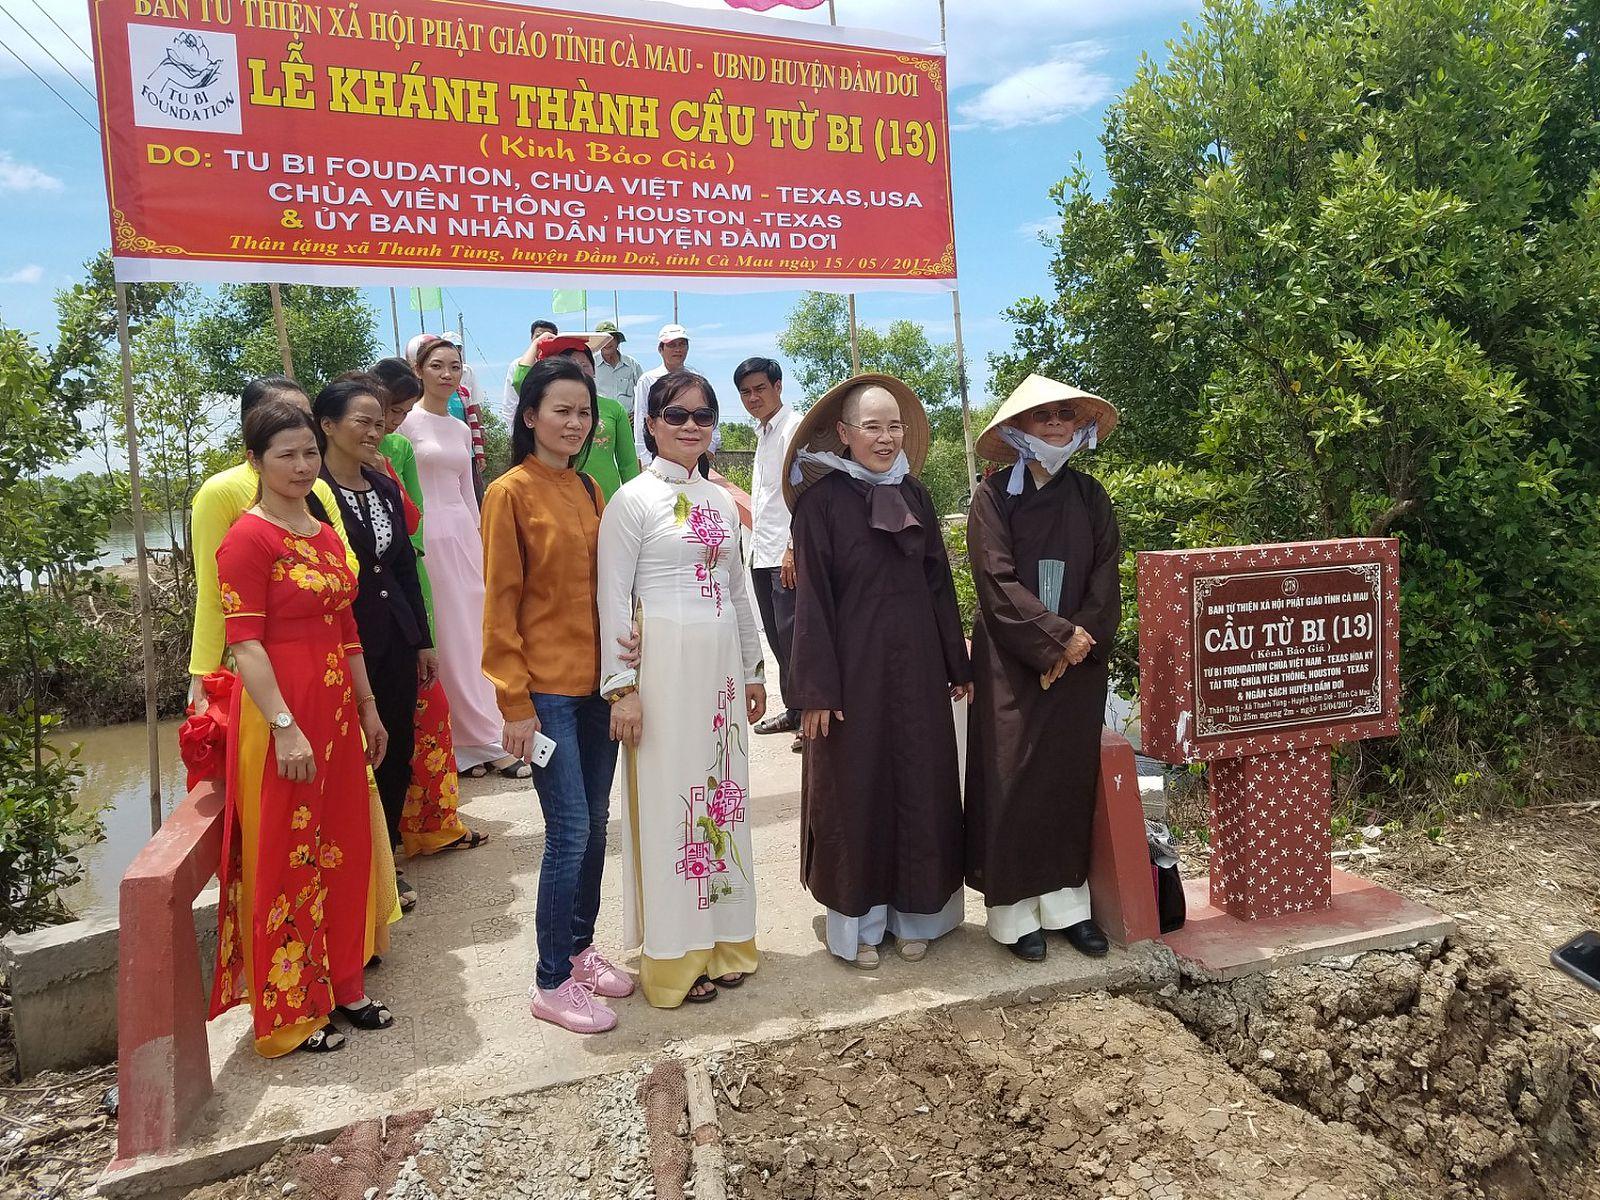 Cau Tu Bi 13 - Vien Thong (26)